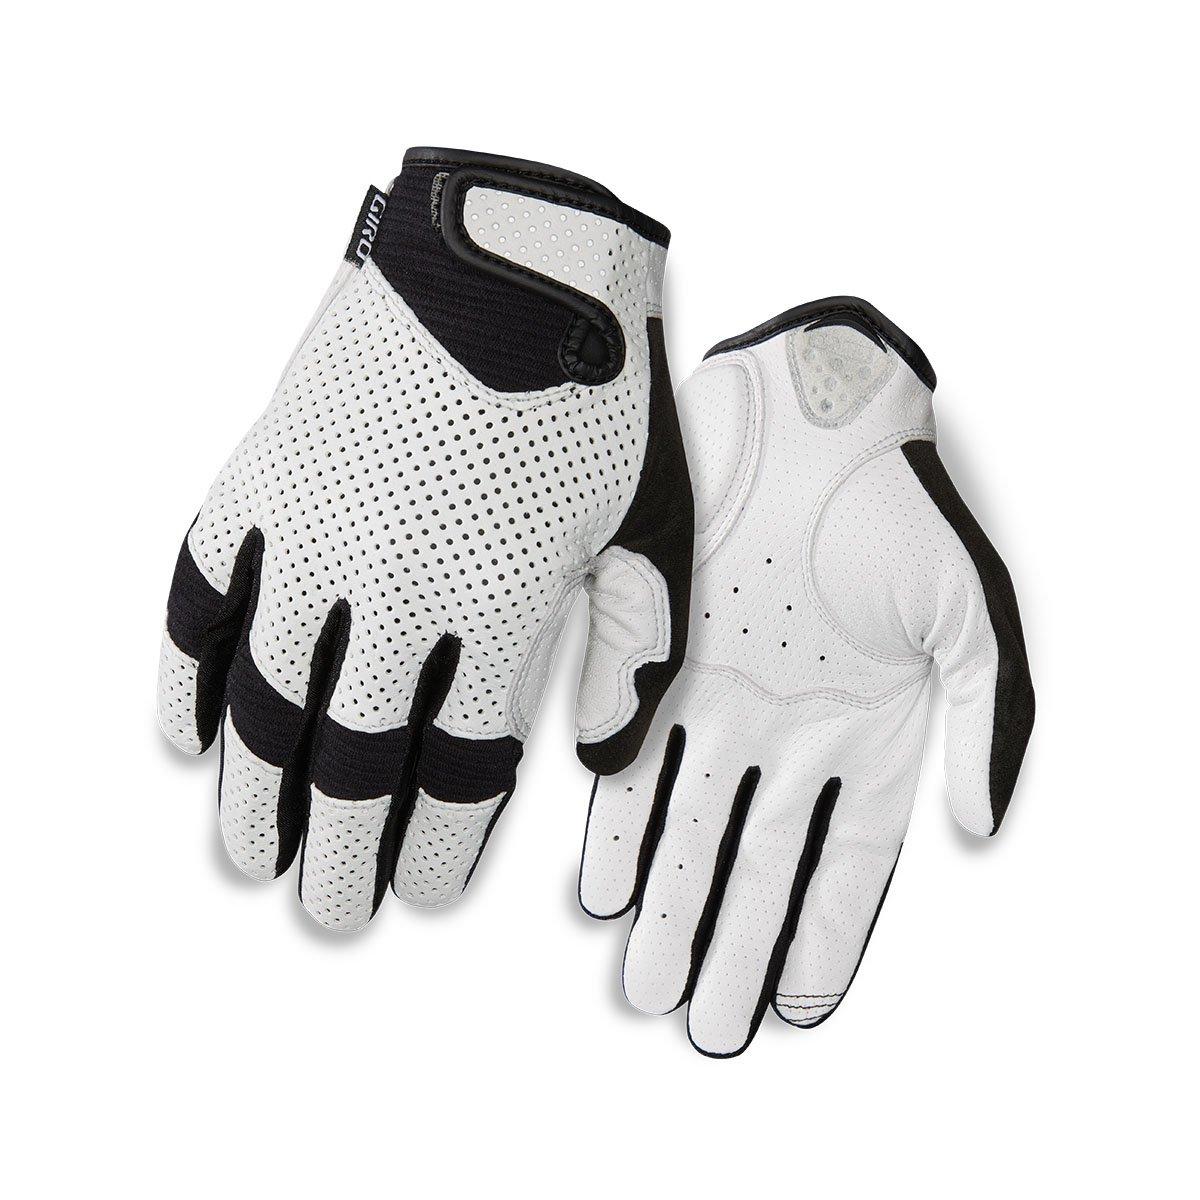 Giro LX Fahrrad Handschuhe Lang weiß 2019